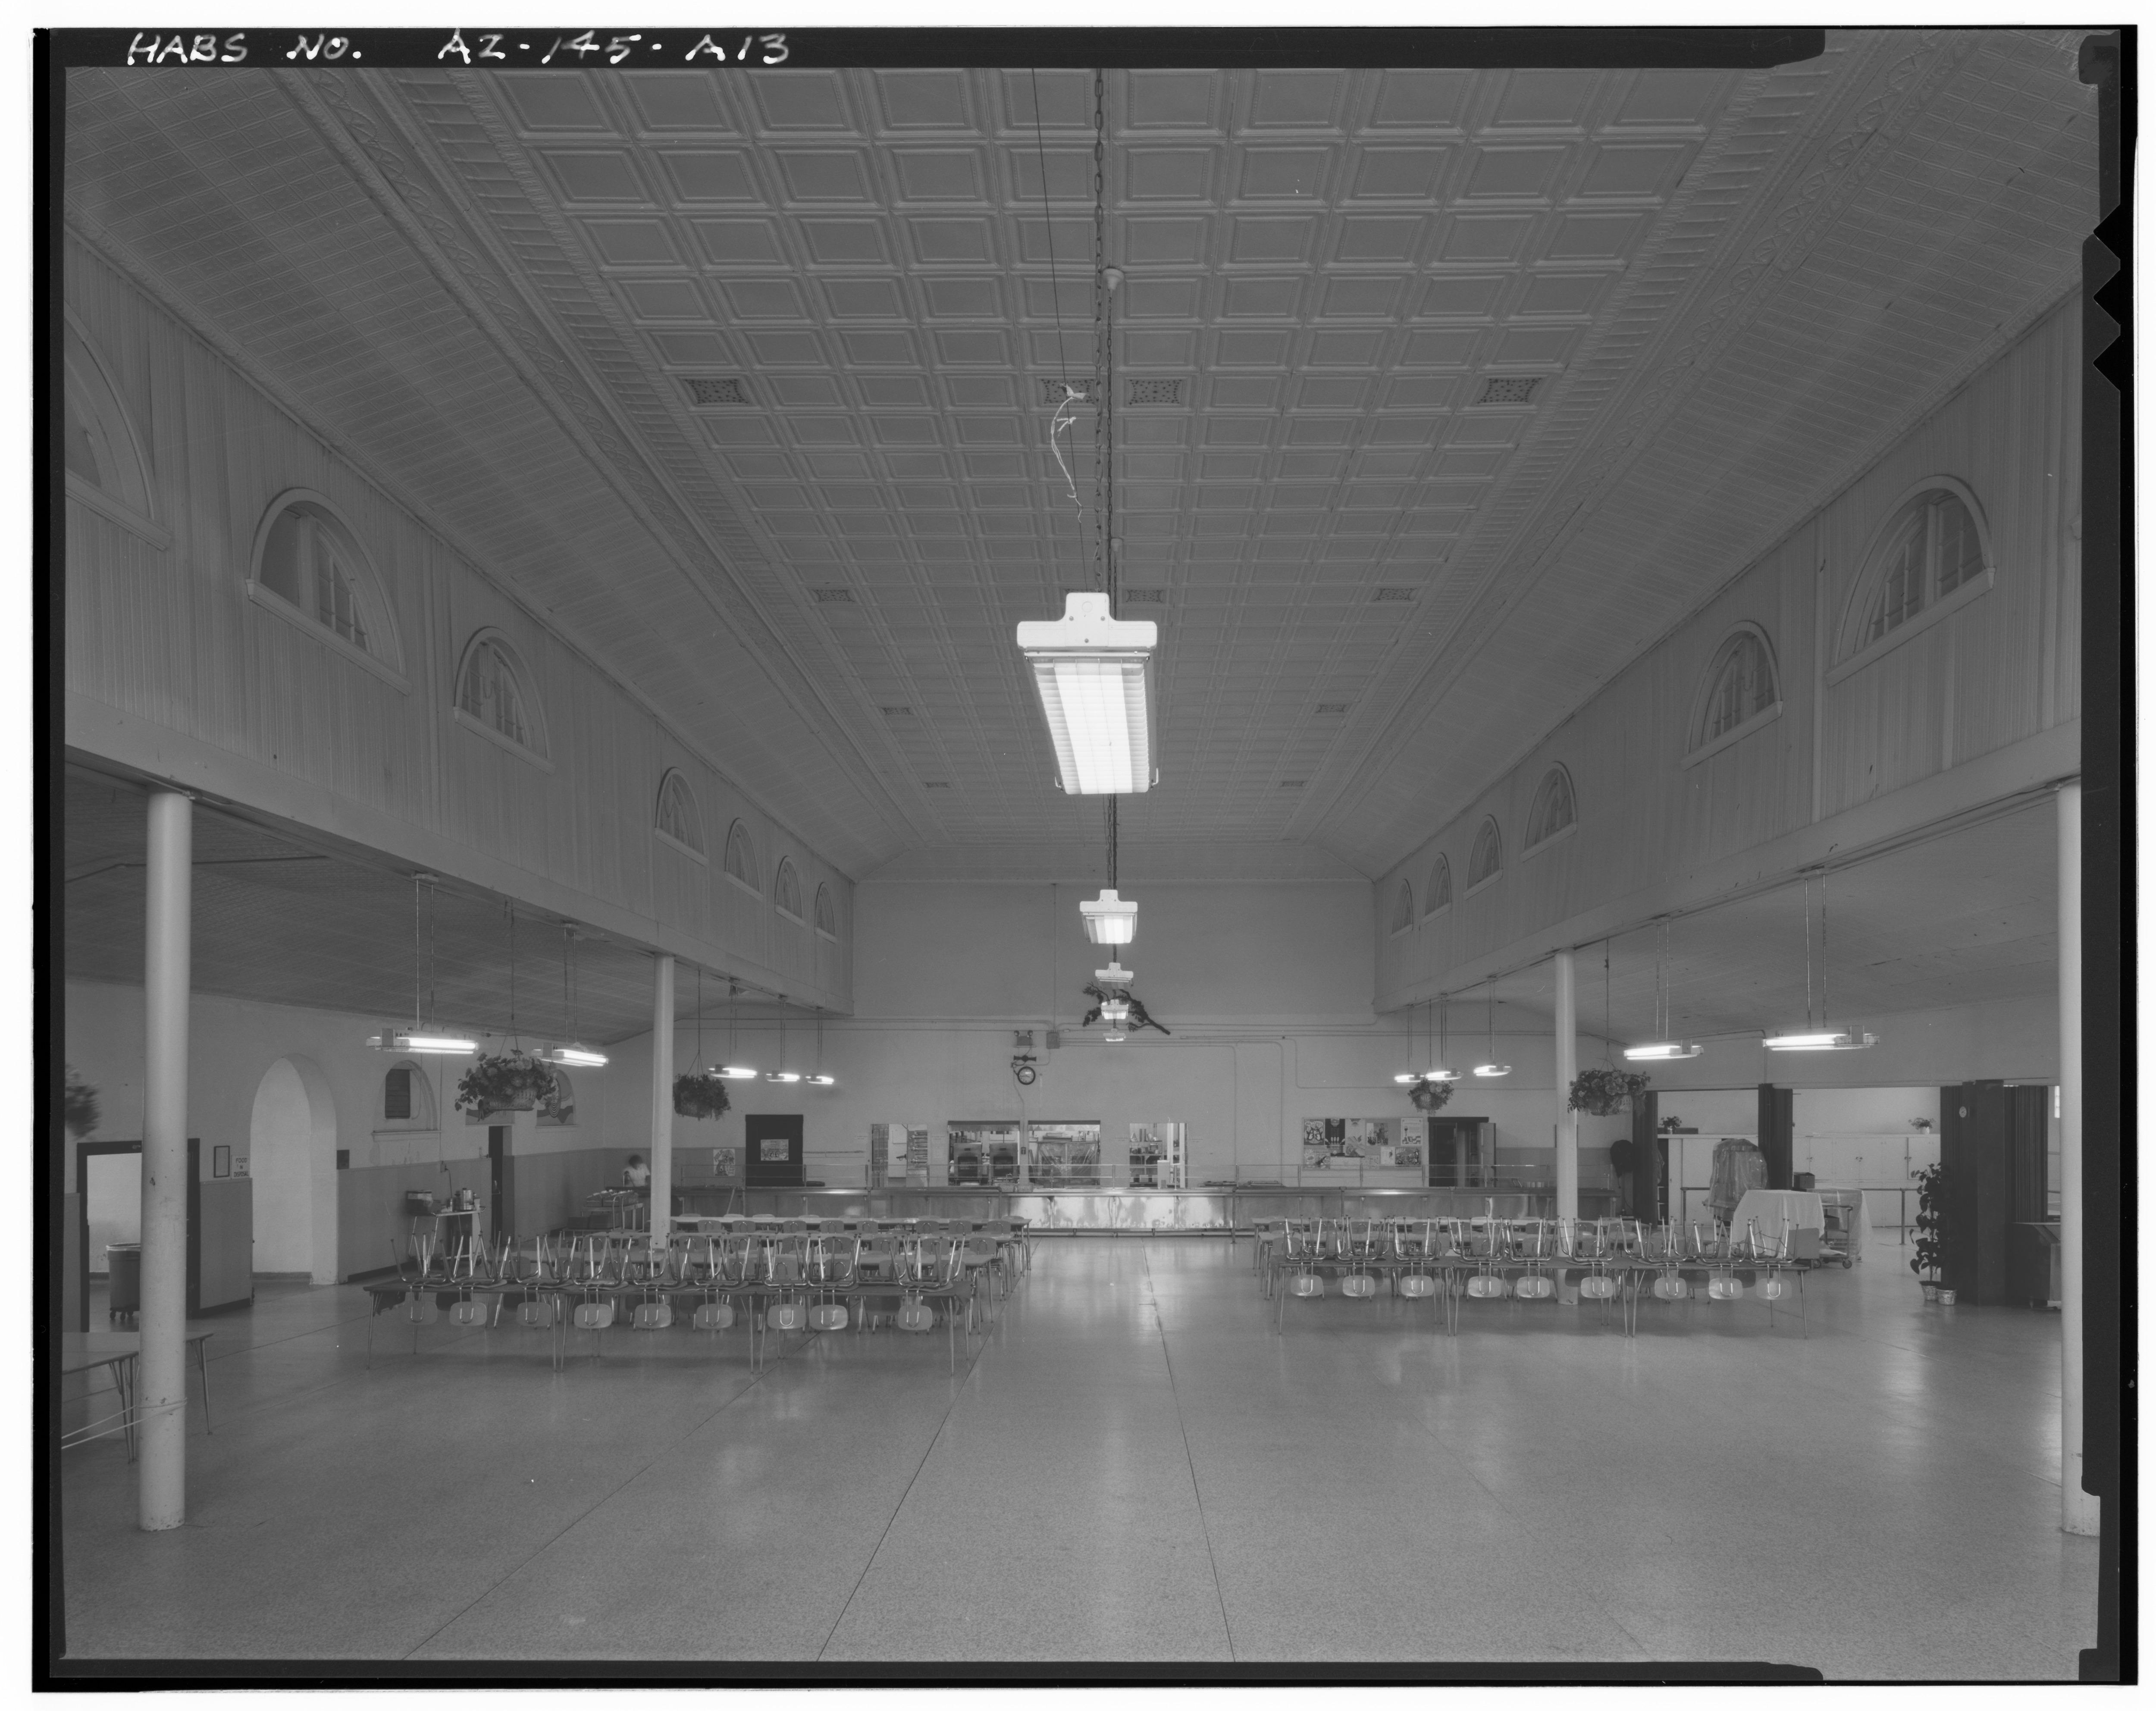 Interior of Dining Hall, built 1902